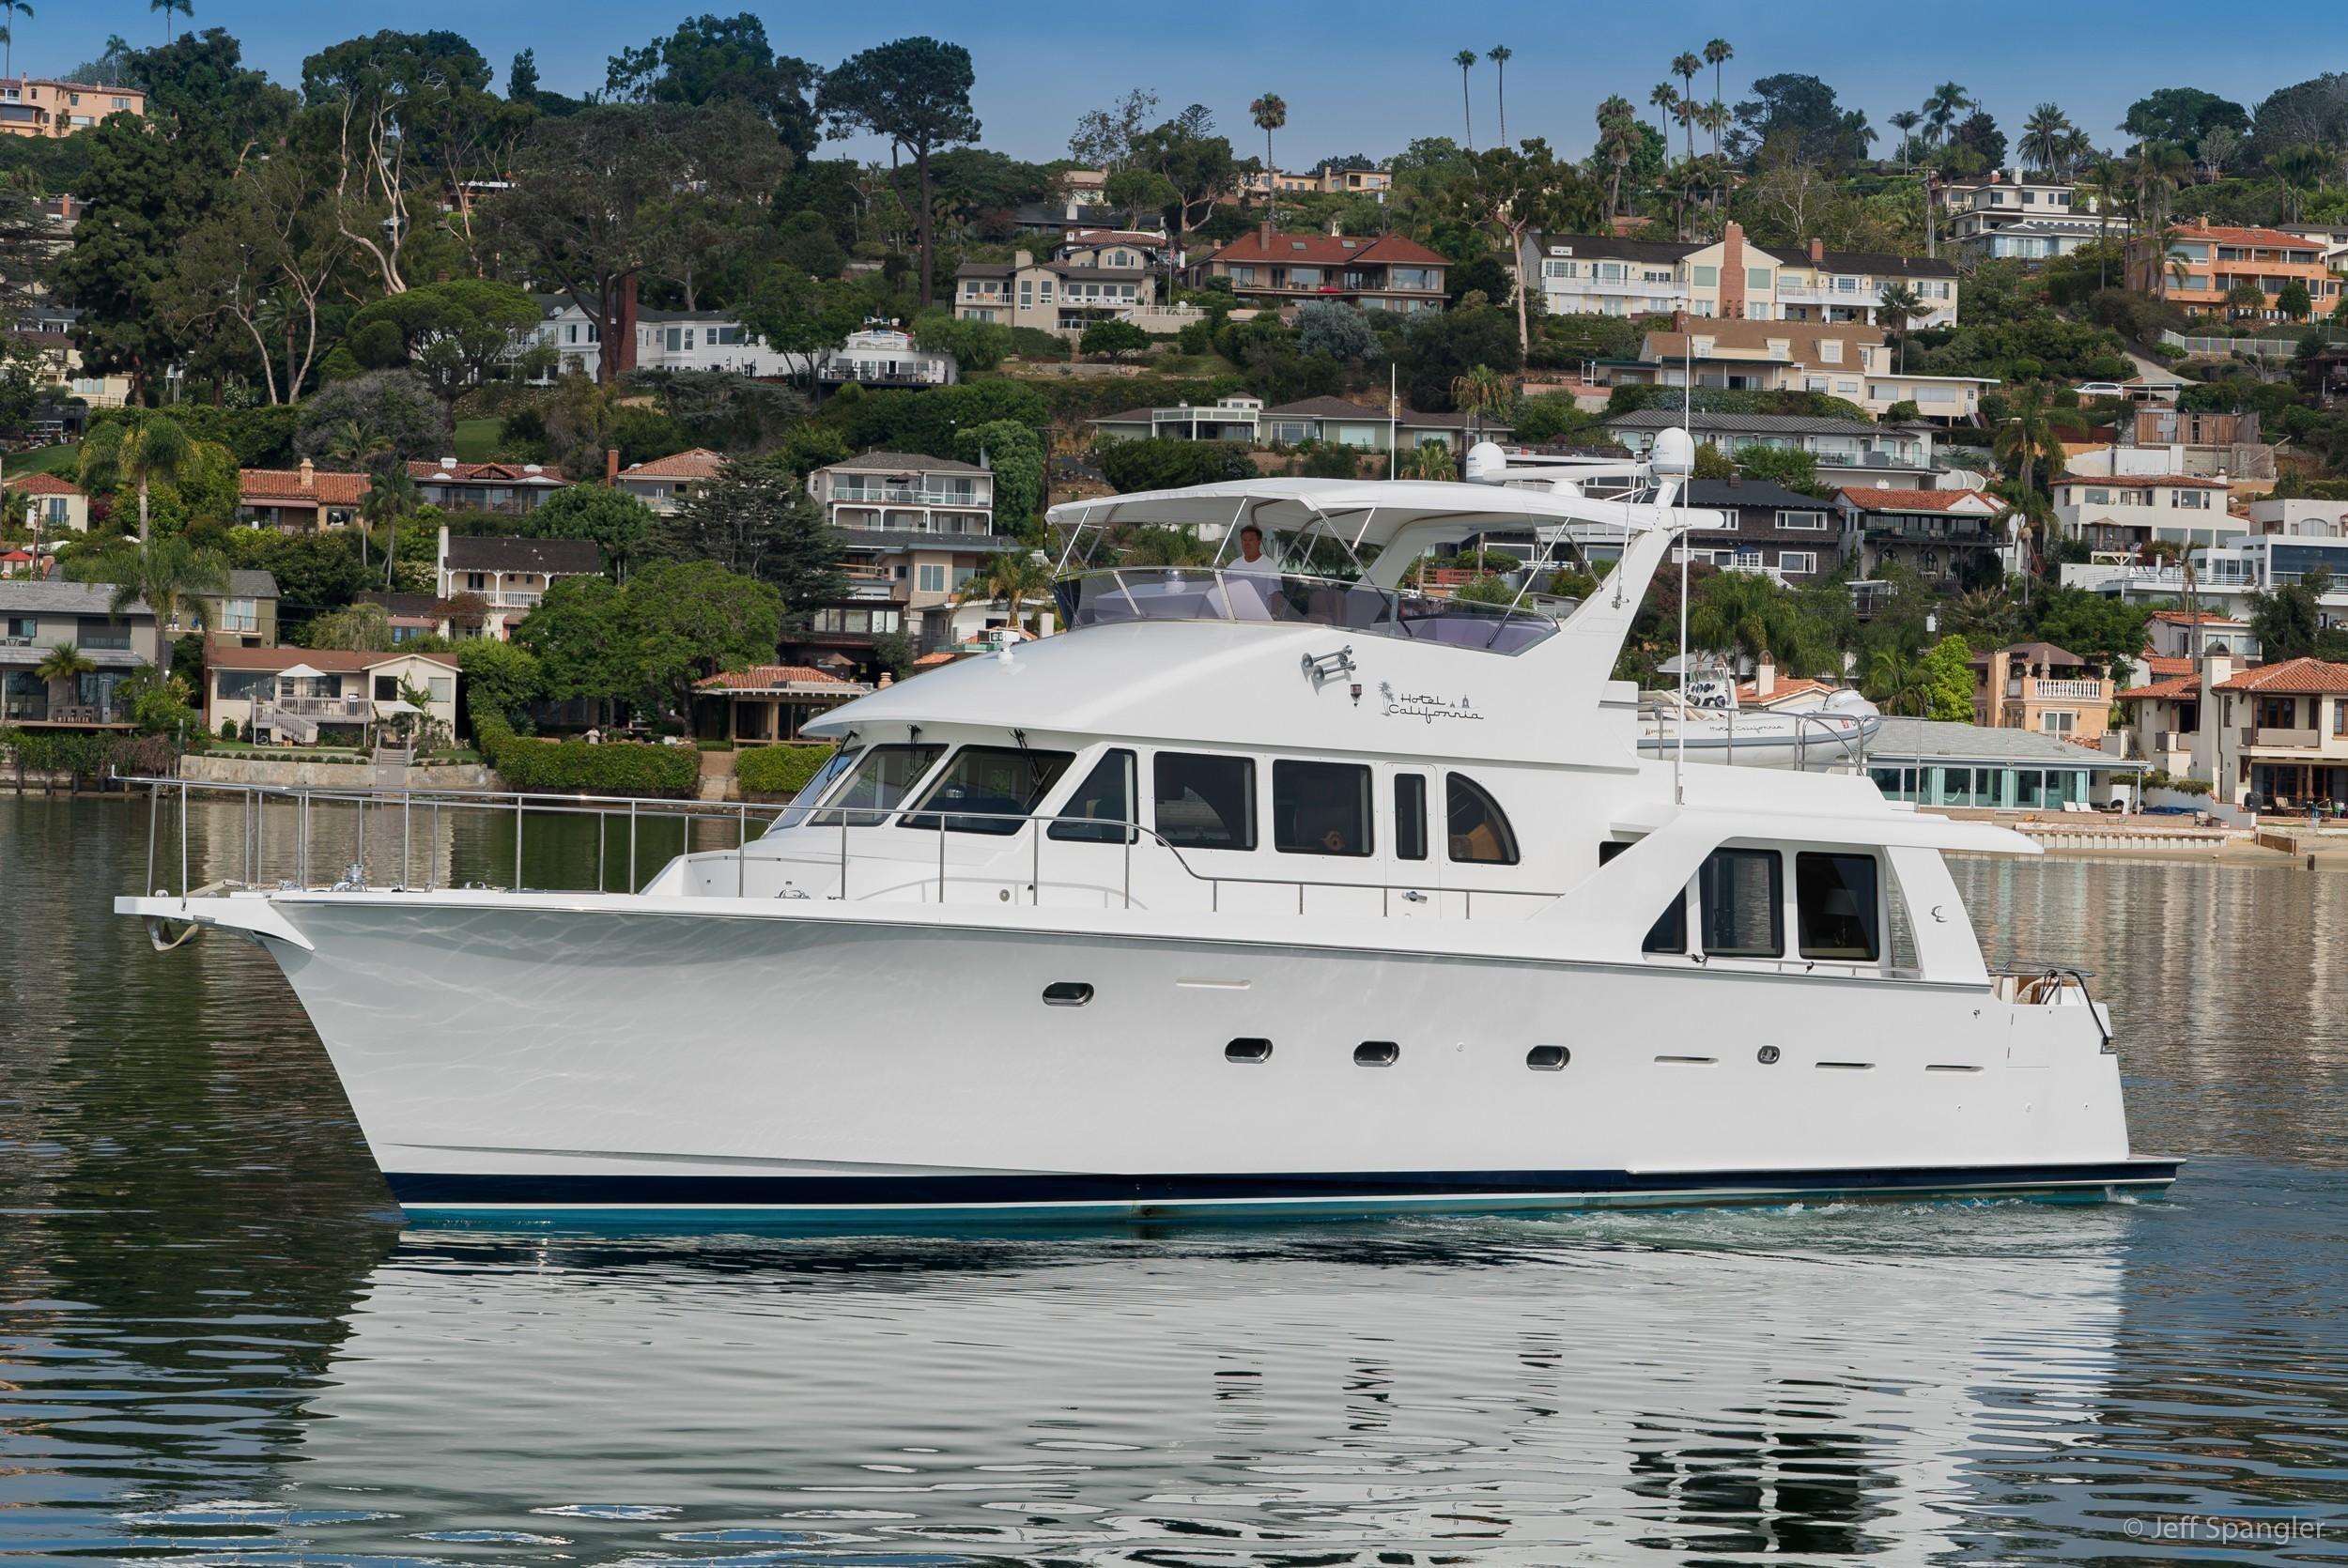 2002 cheoy lee motoryacht power boat for sale www for Worldwide motors san diego ca